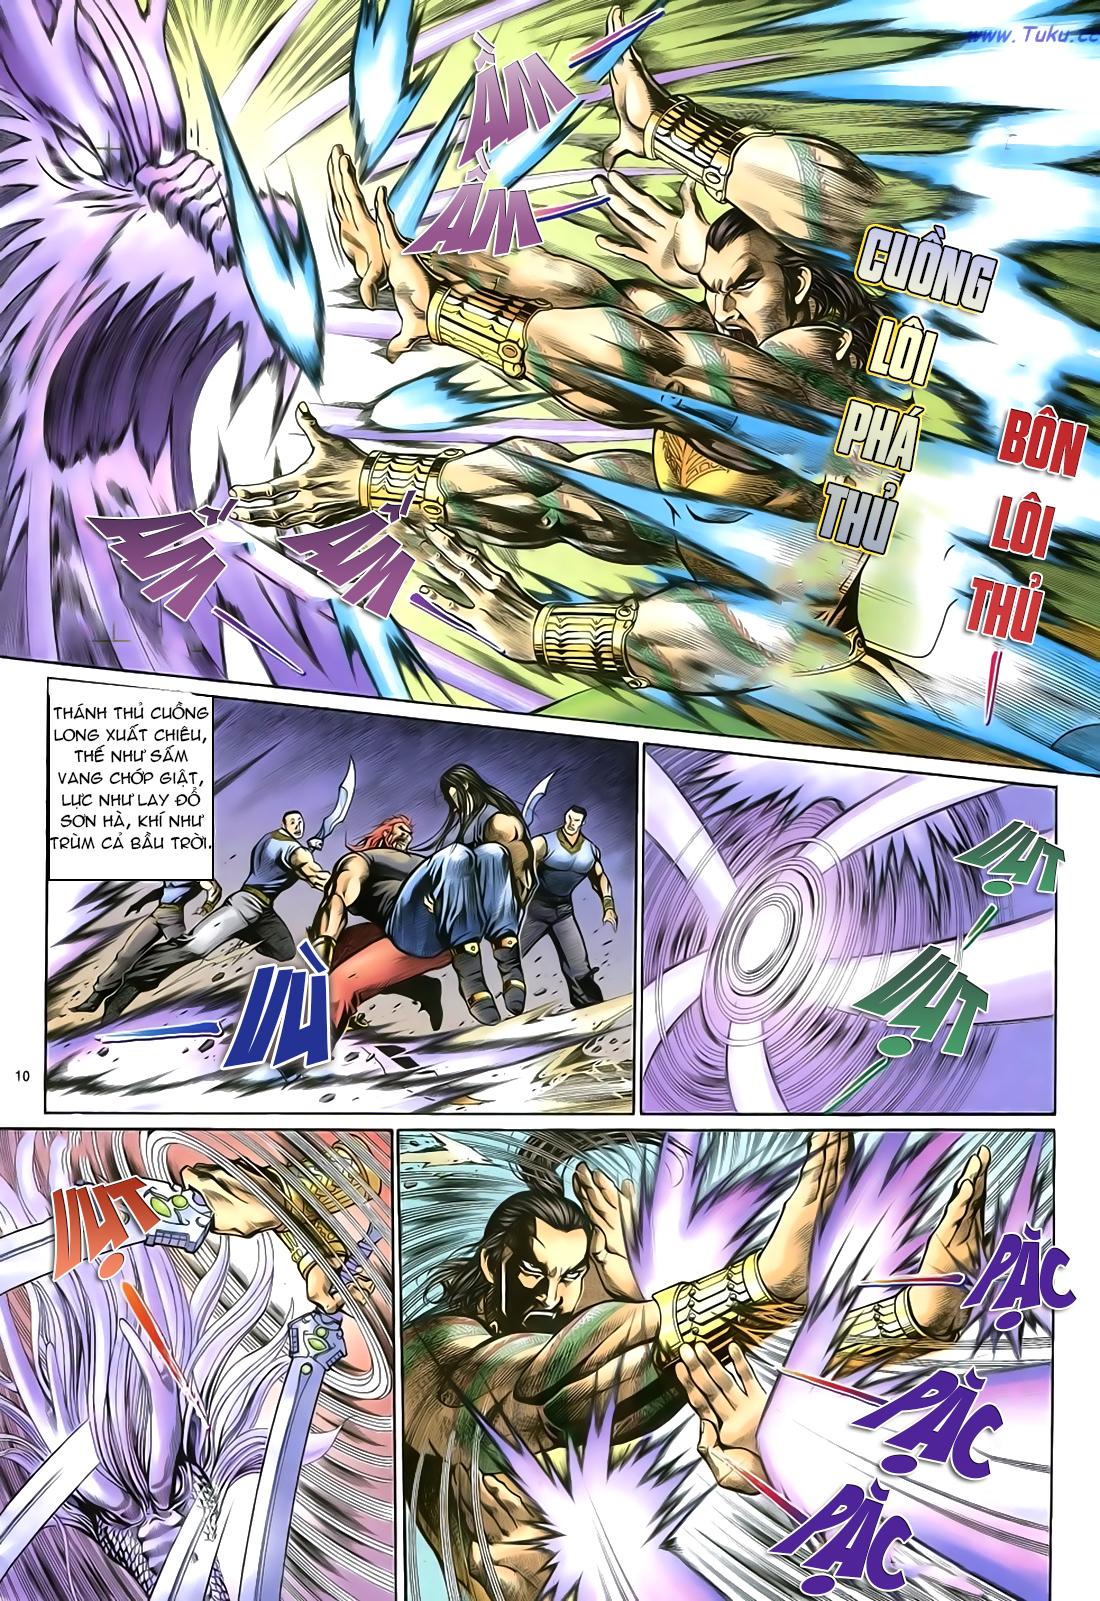 Anh hùng vô lệ Chap 23 trang 11